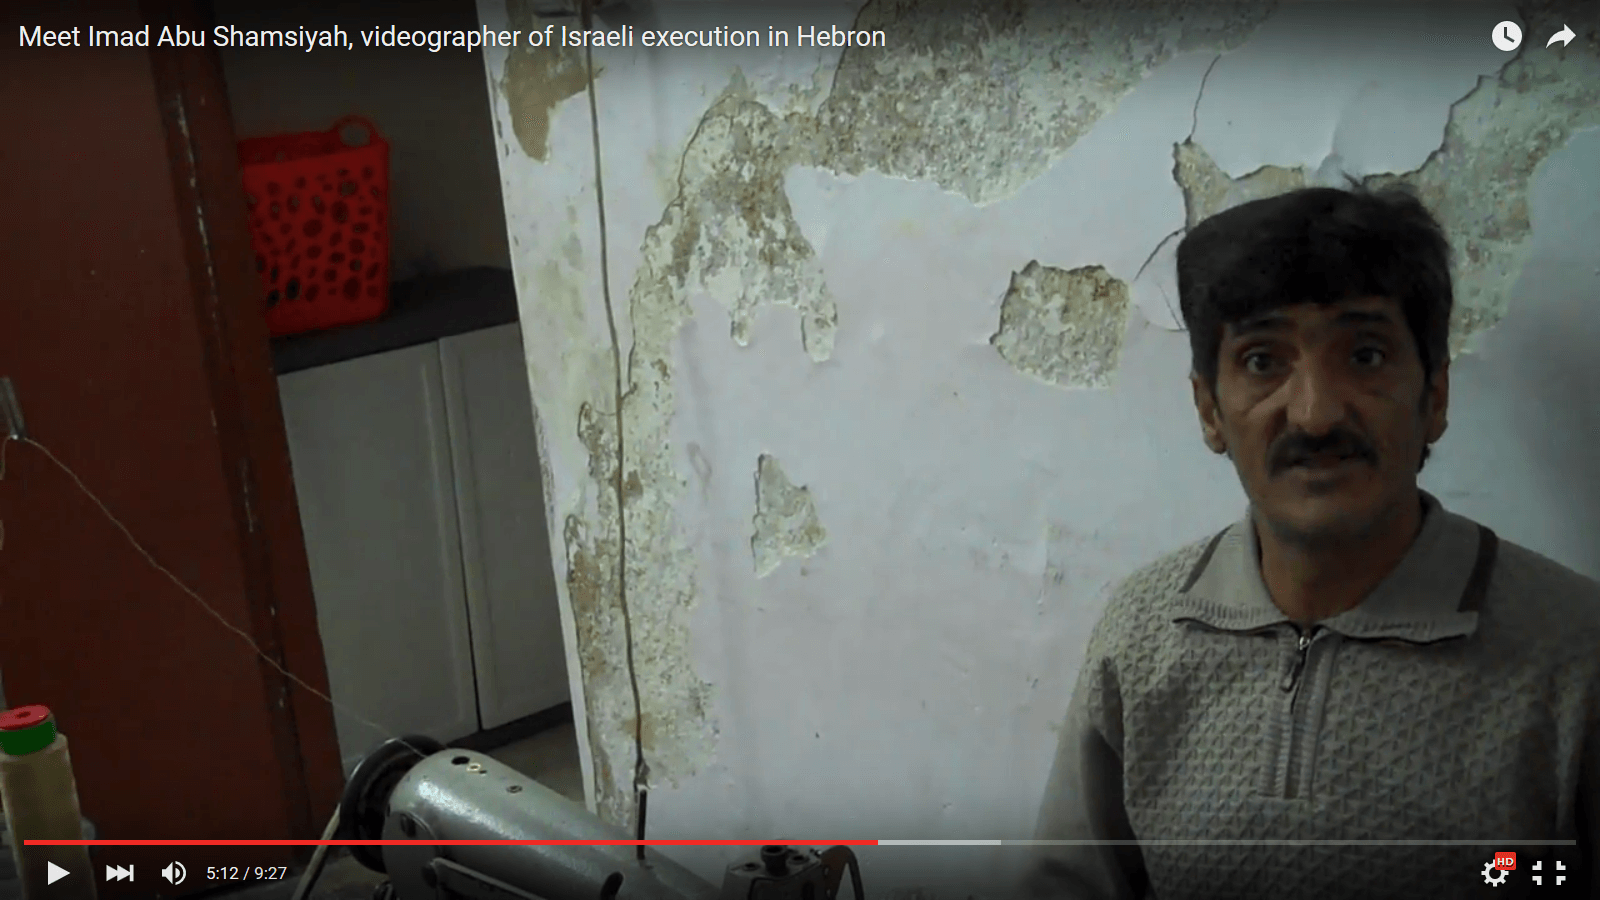 Imad Abu Shamsiya at his sewing machine